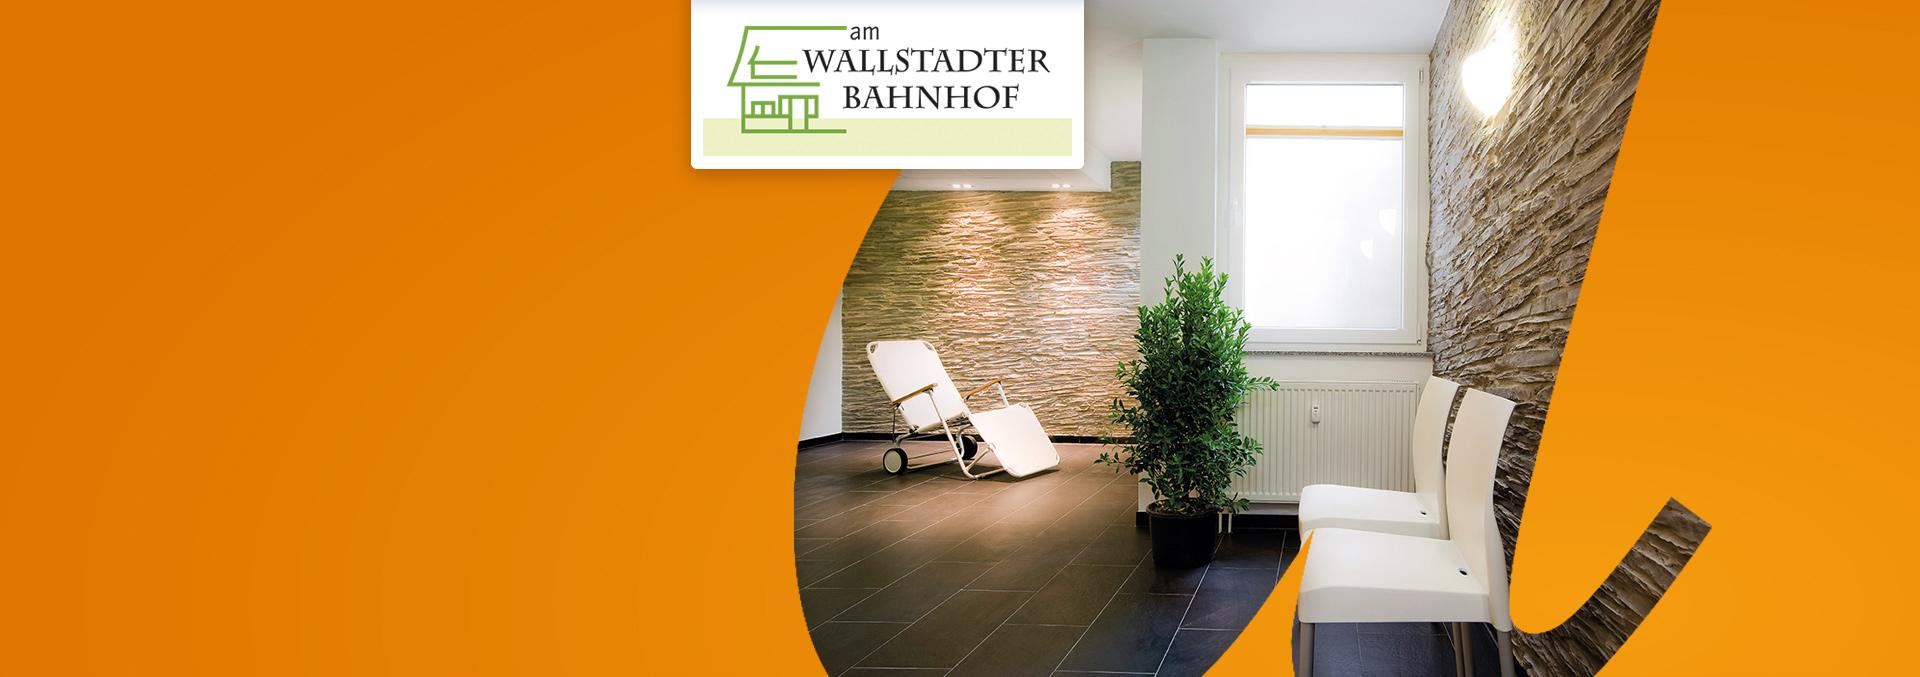 Pflegeeinrichtung Service-Wohnen AM WALLSTADTER BAHNHOF von innen, Warteraum mit weißen Sesseln auf dunklen Fließen, Wände aus Natursteinmauerwerk.